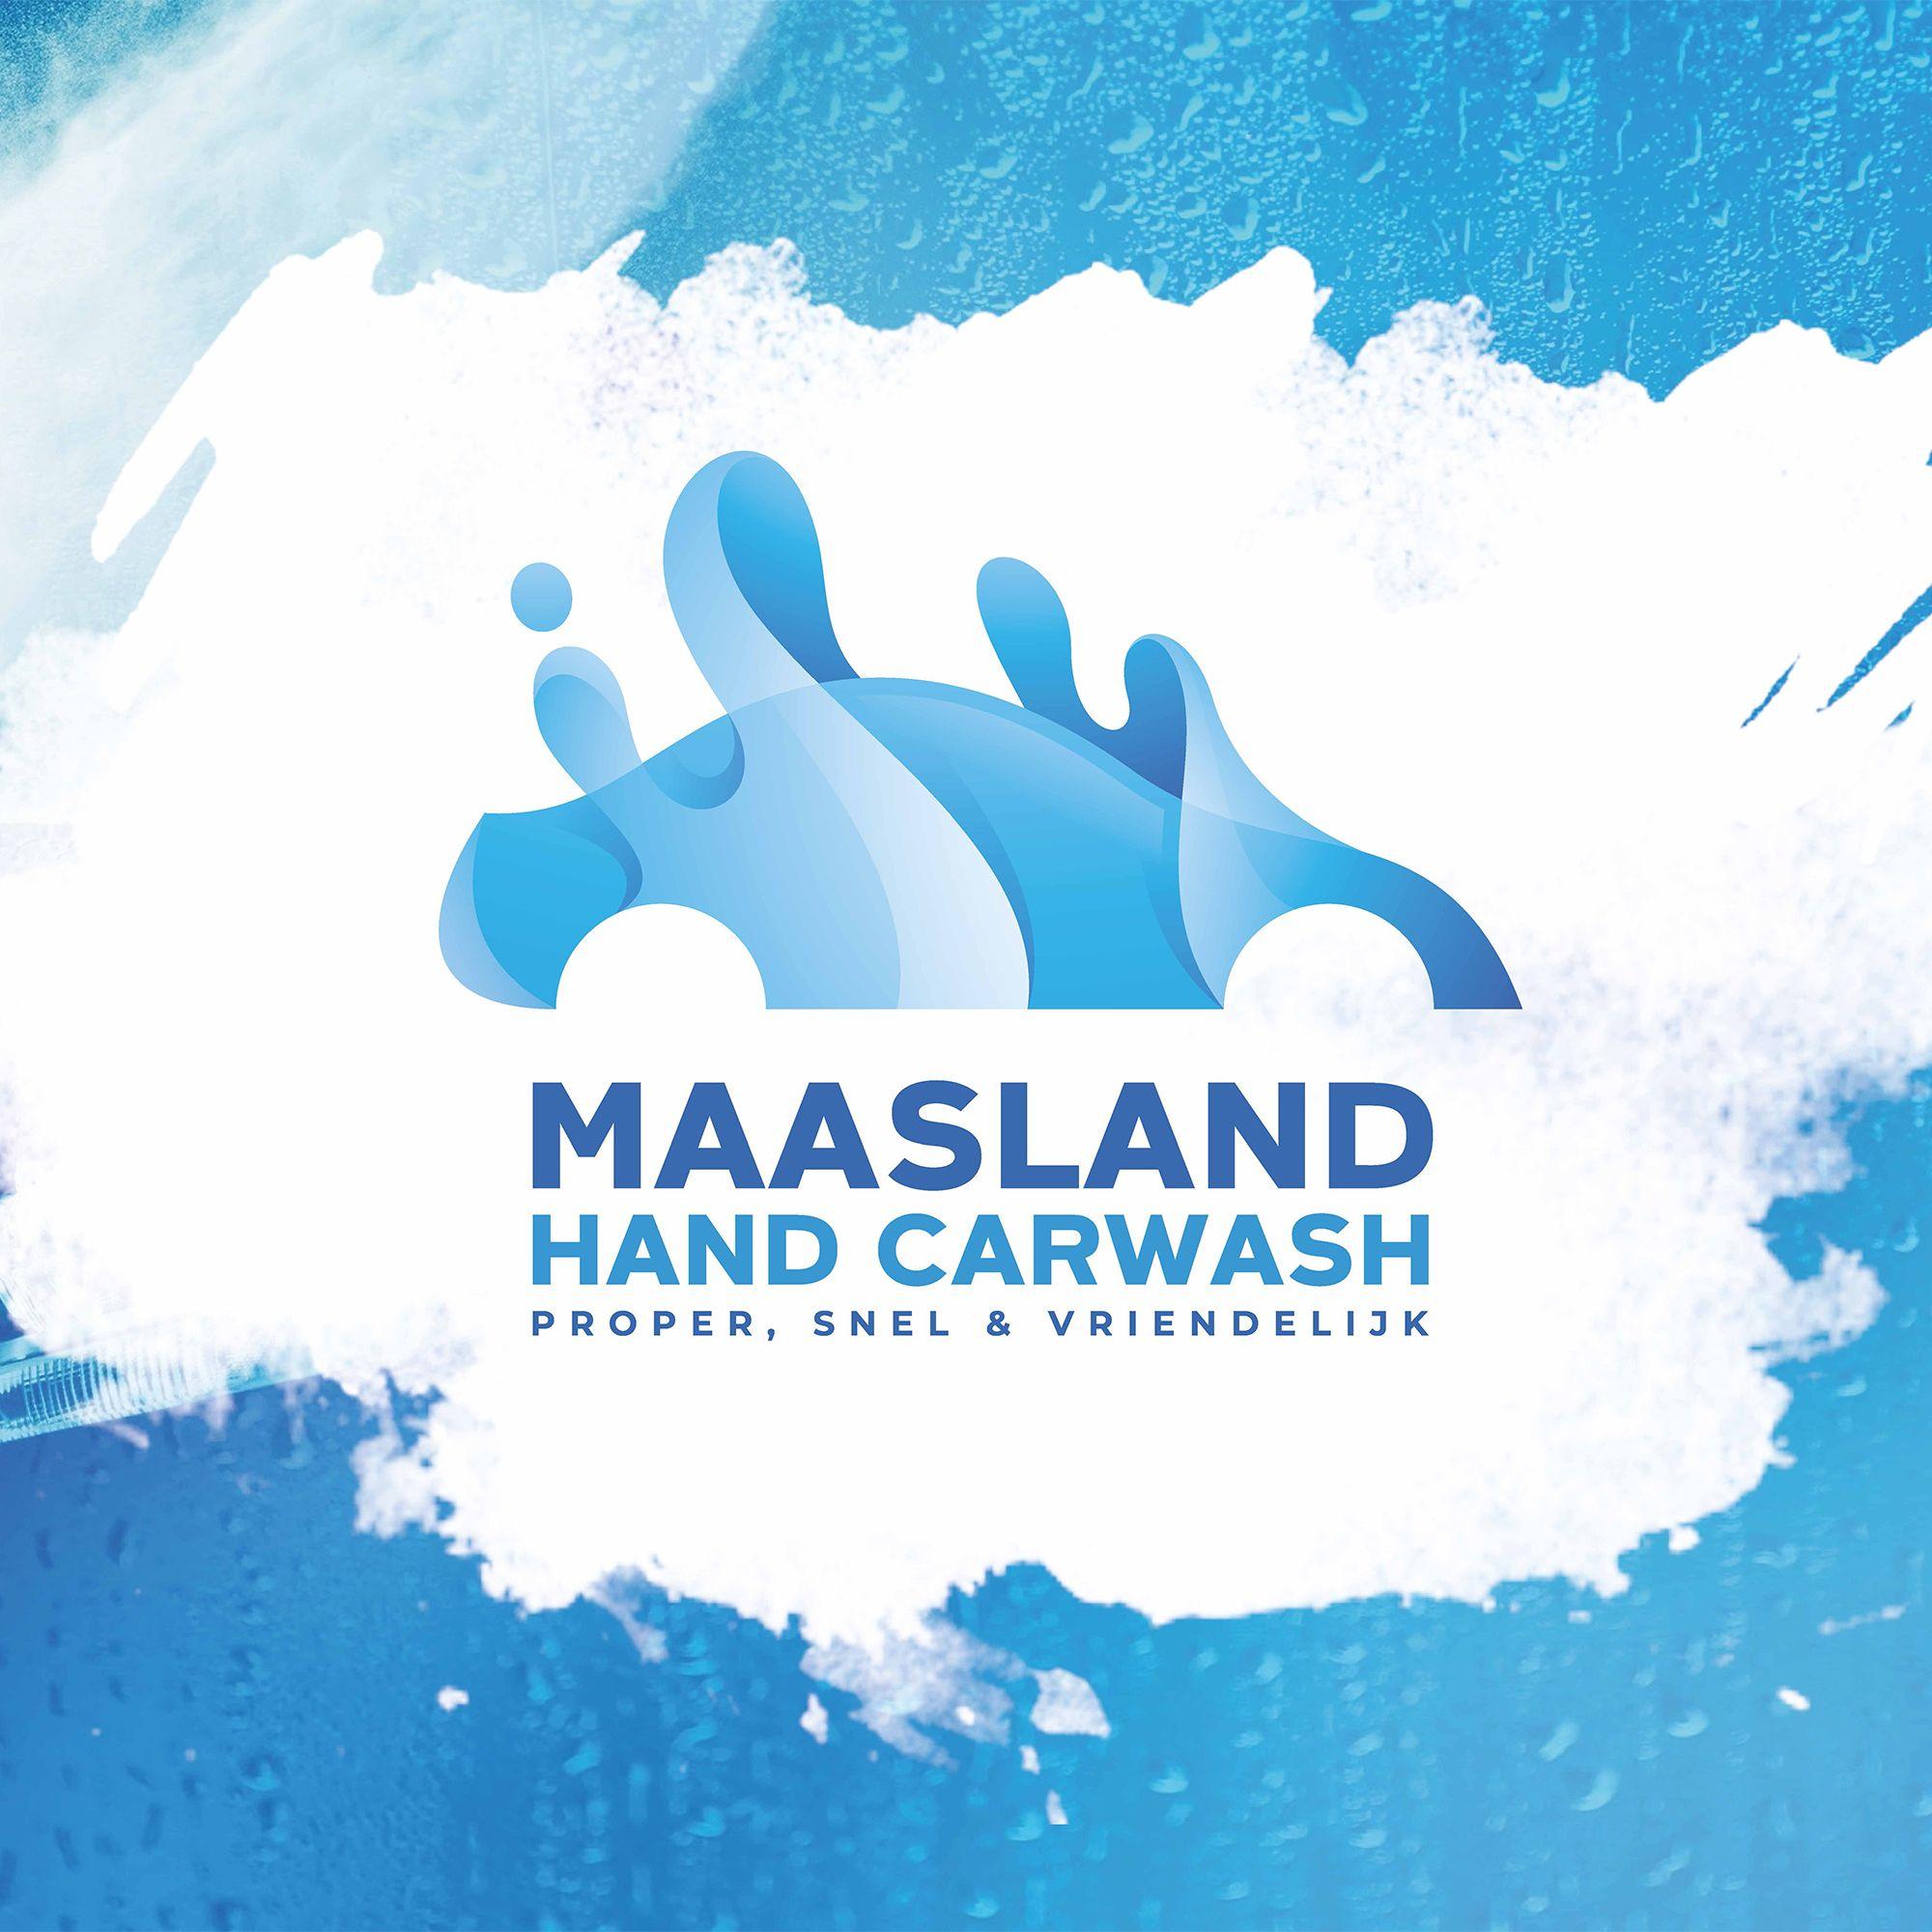 MaaslandHandCarwash